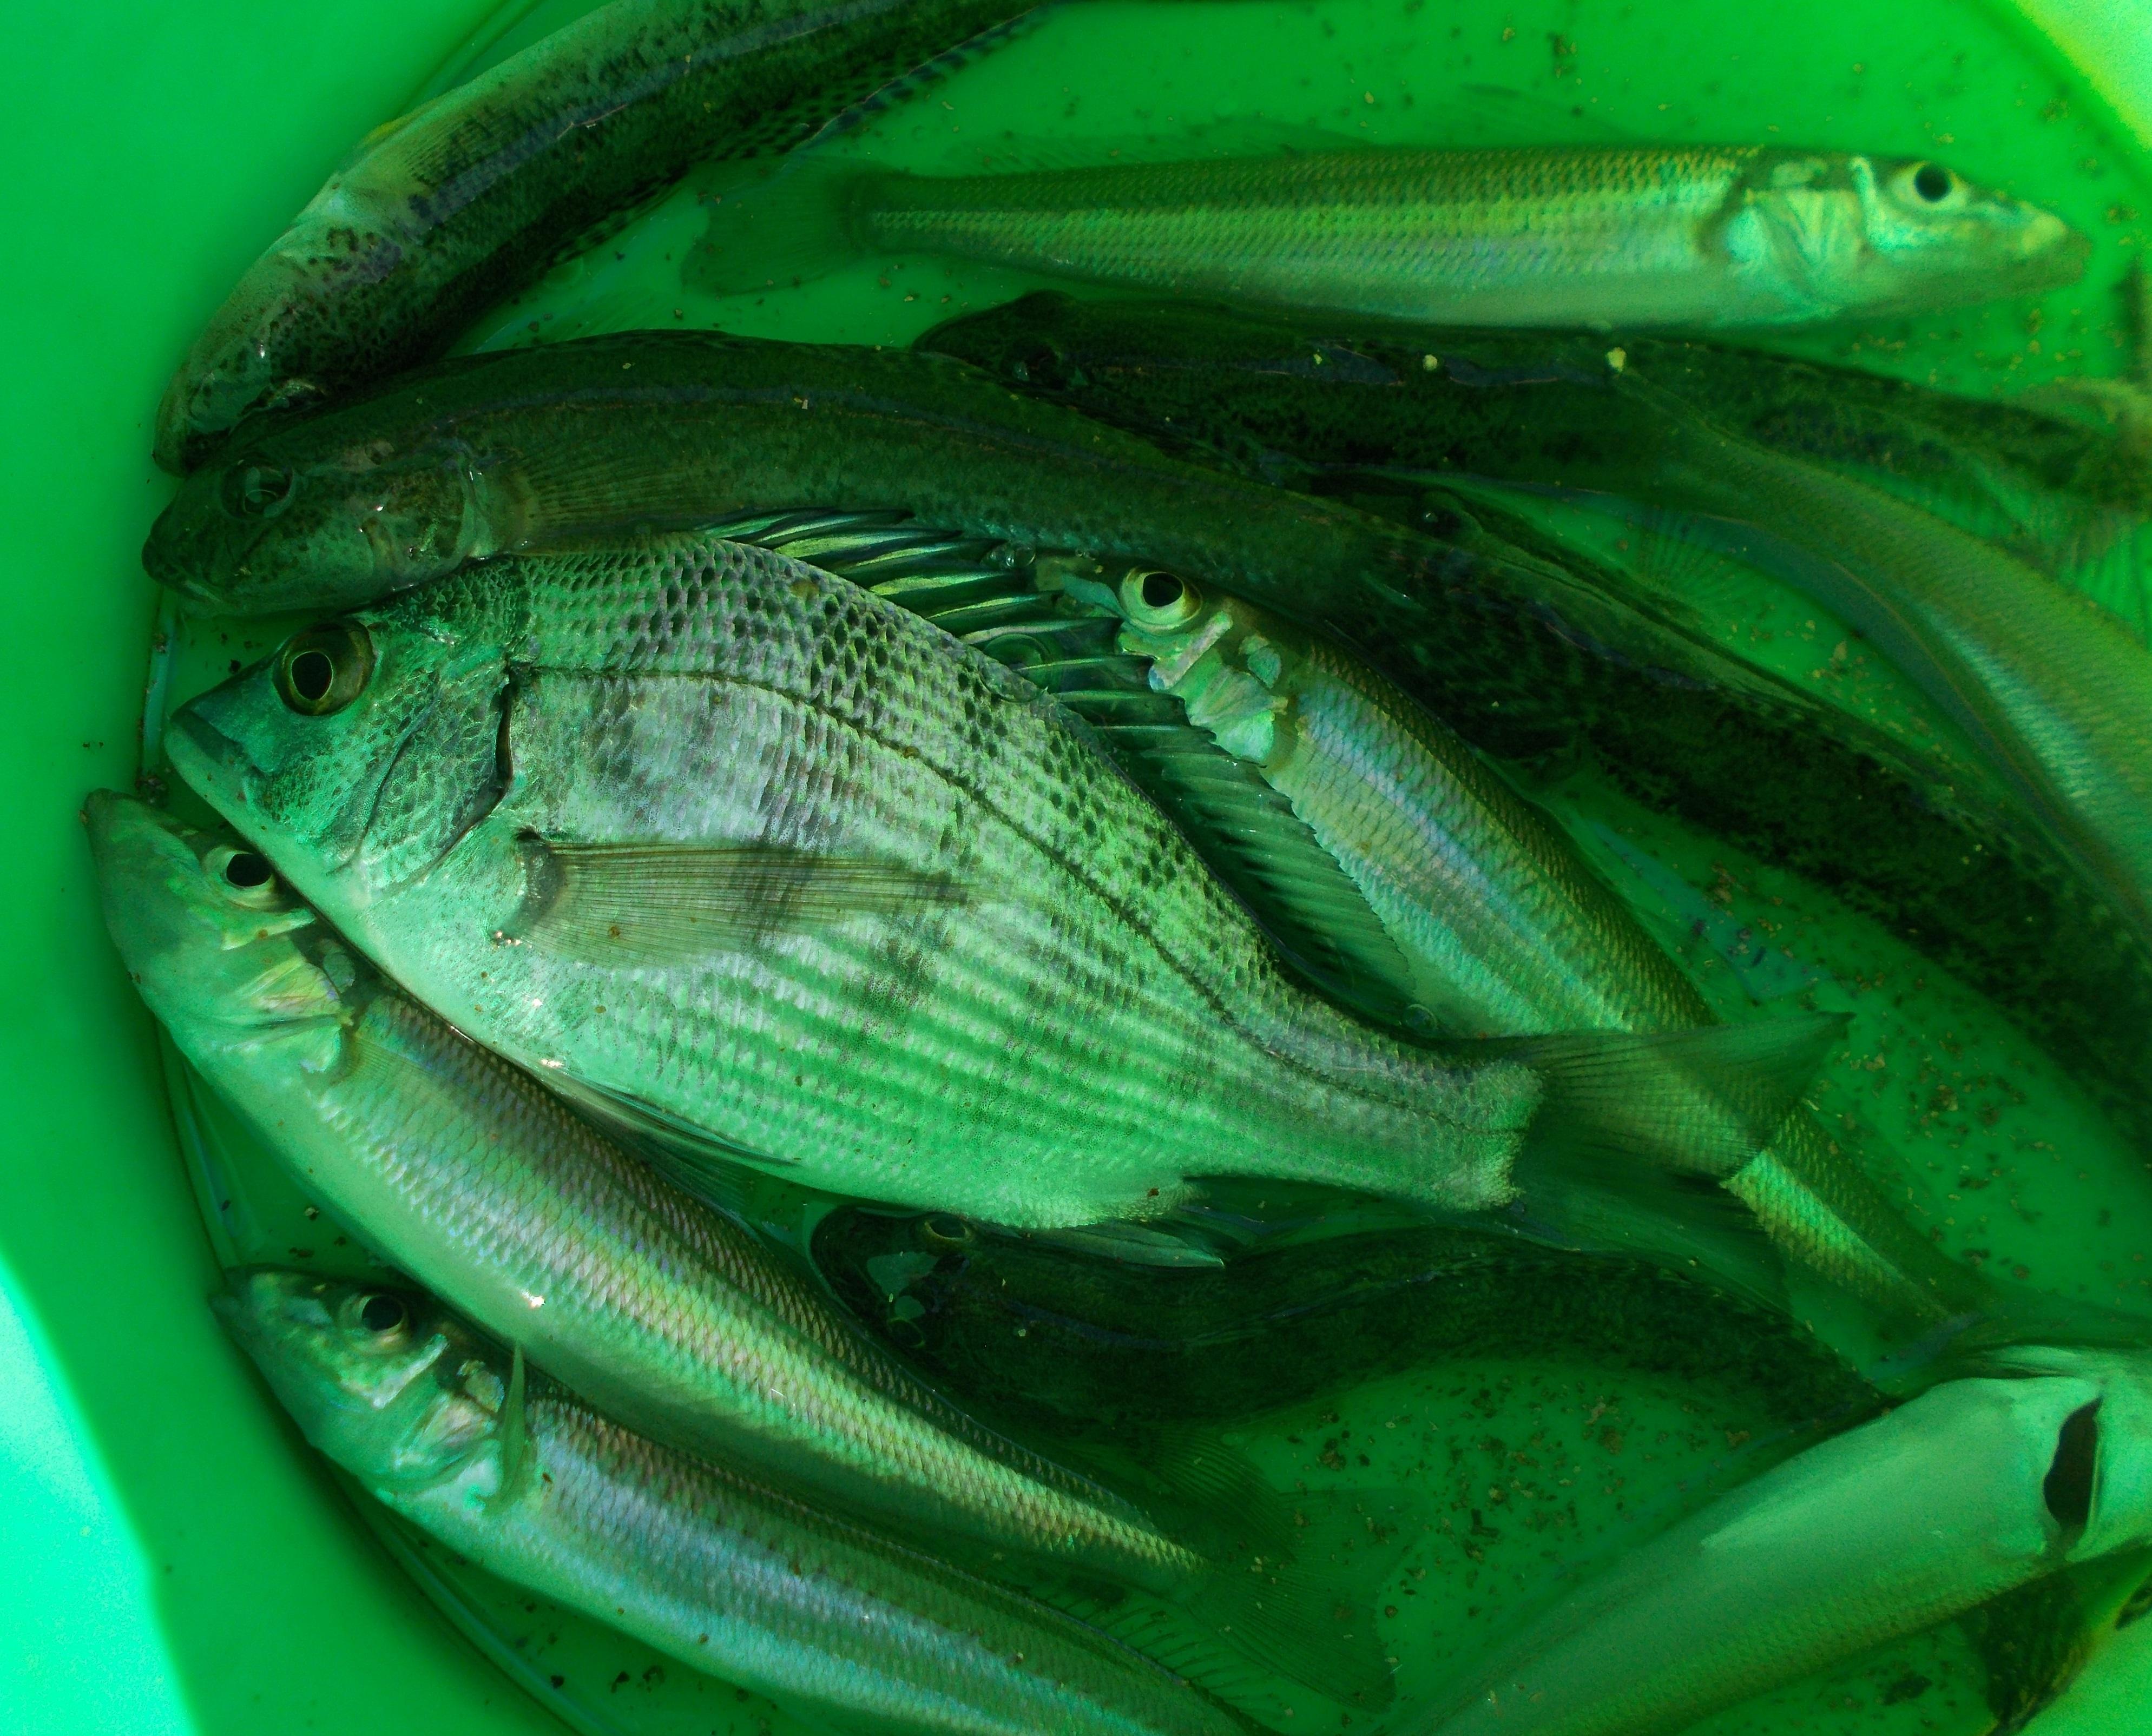 本日の釣果、キスとハゼが中心でチンタ(クロダイの小さいの)やメゴチ、小型カレイが釣れました。